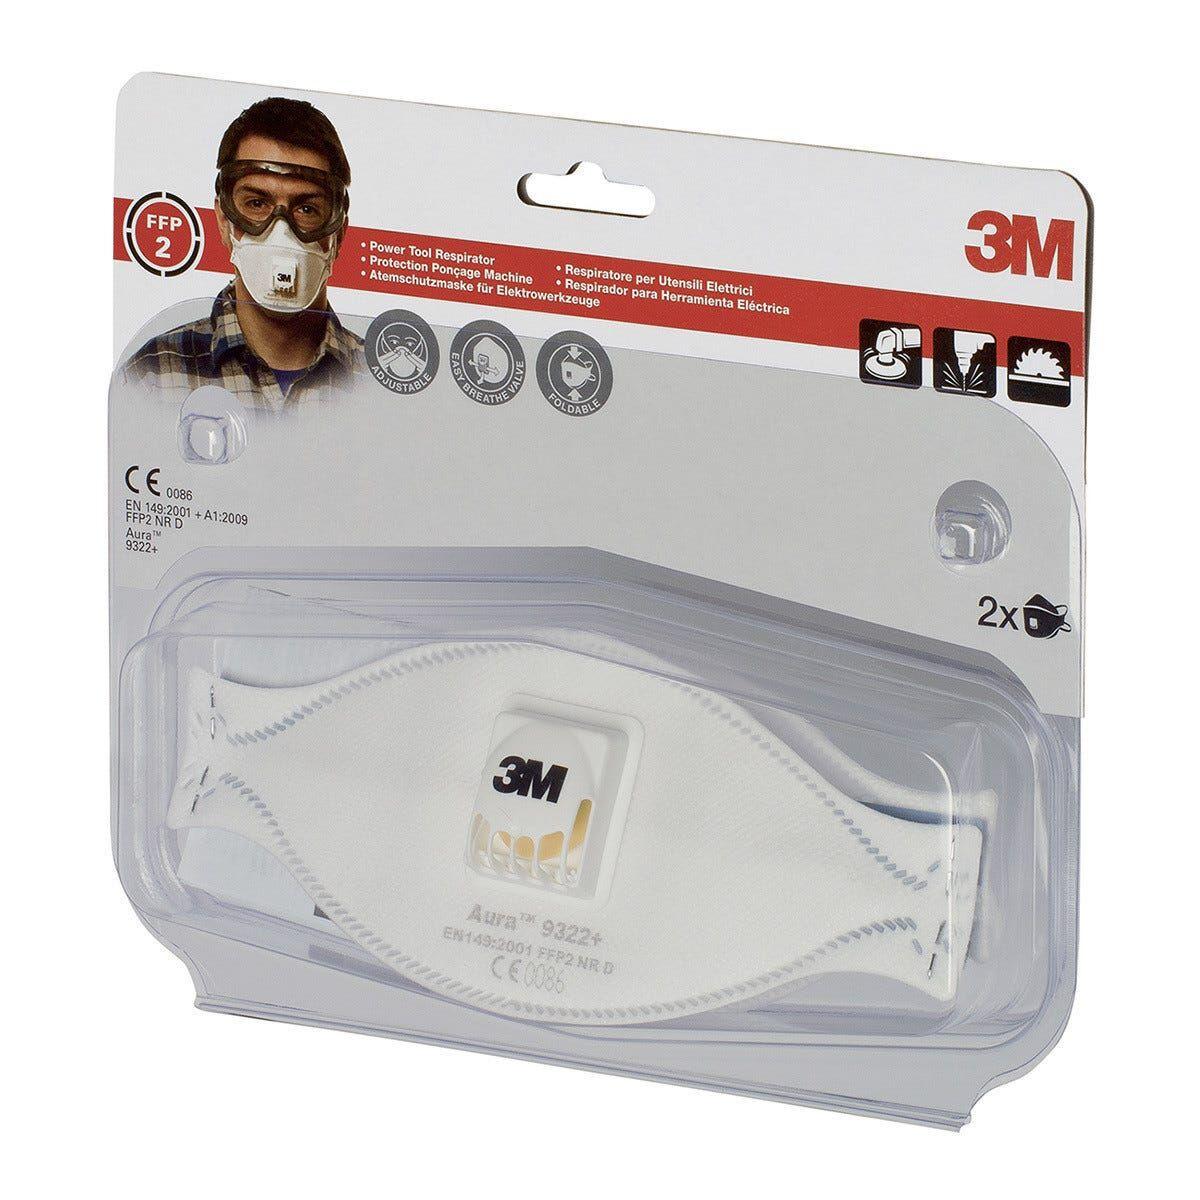 3m 2 maschere respiratori  9322 categoria p2 con valvola per polveri legno